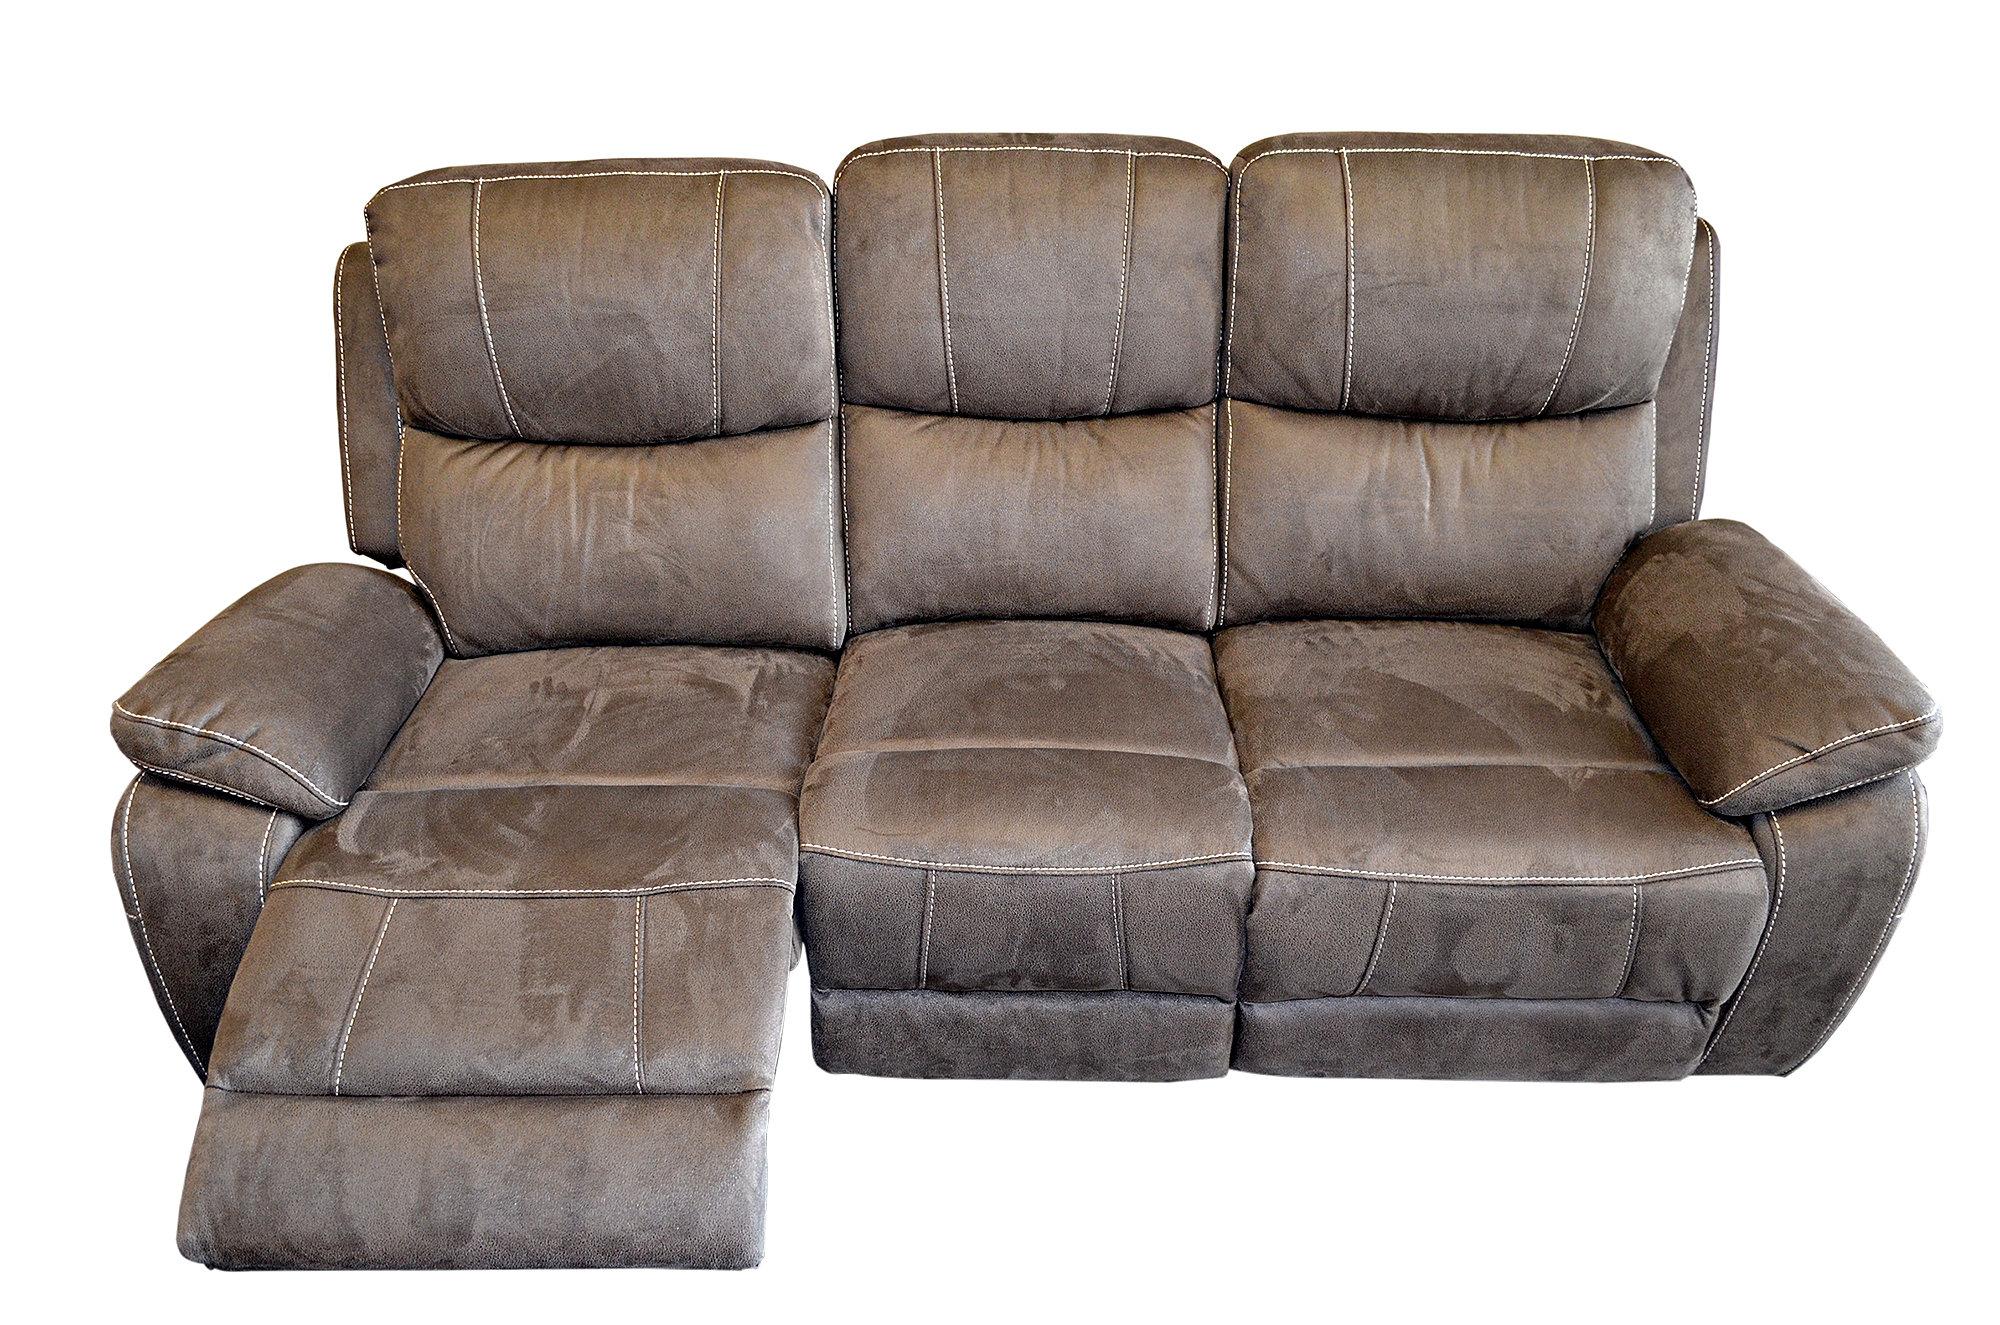 Sofass sevilla sof s en sevilla nebras for Sofas en sevilla liquidacion